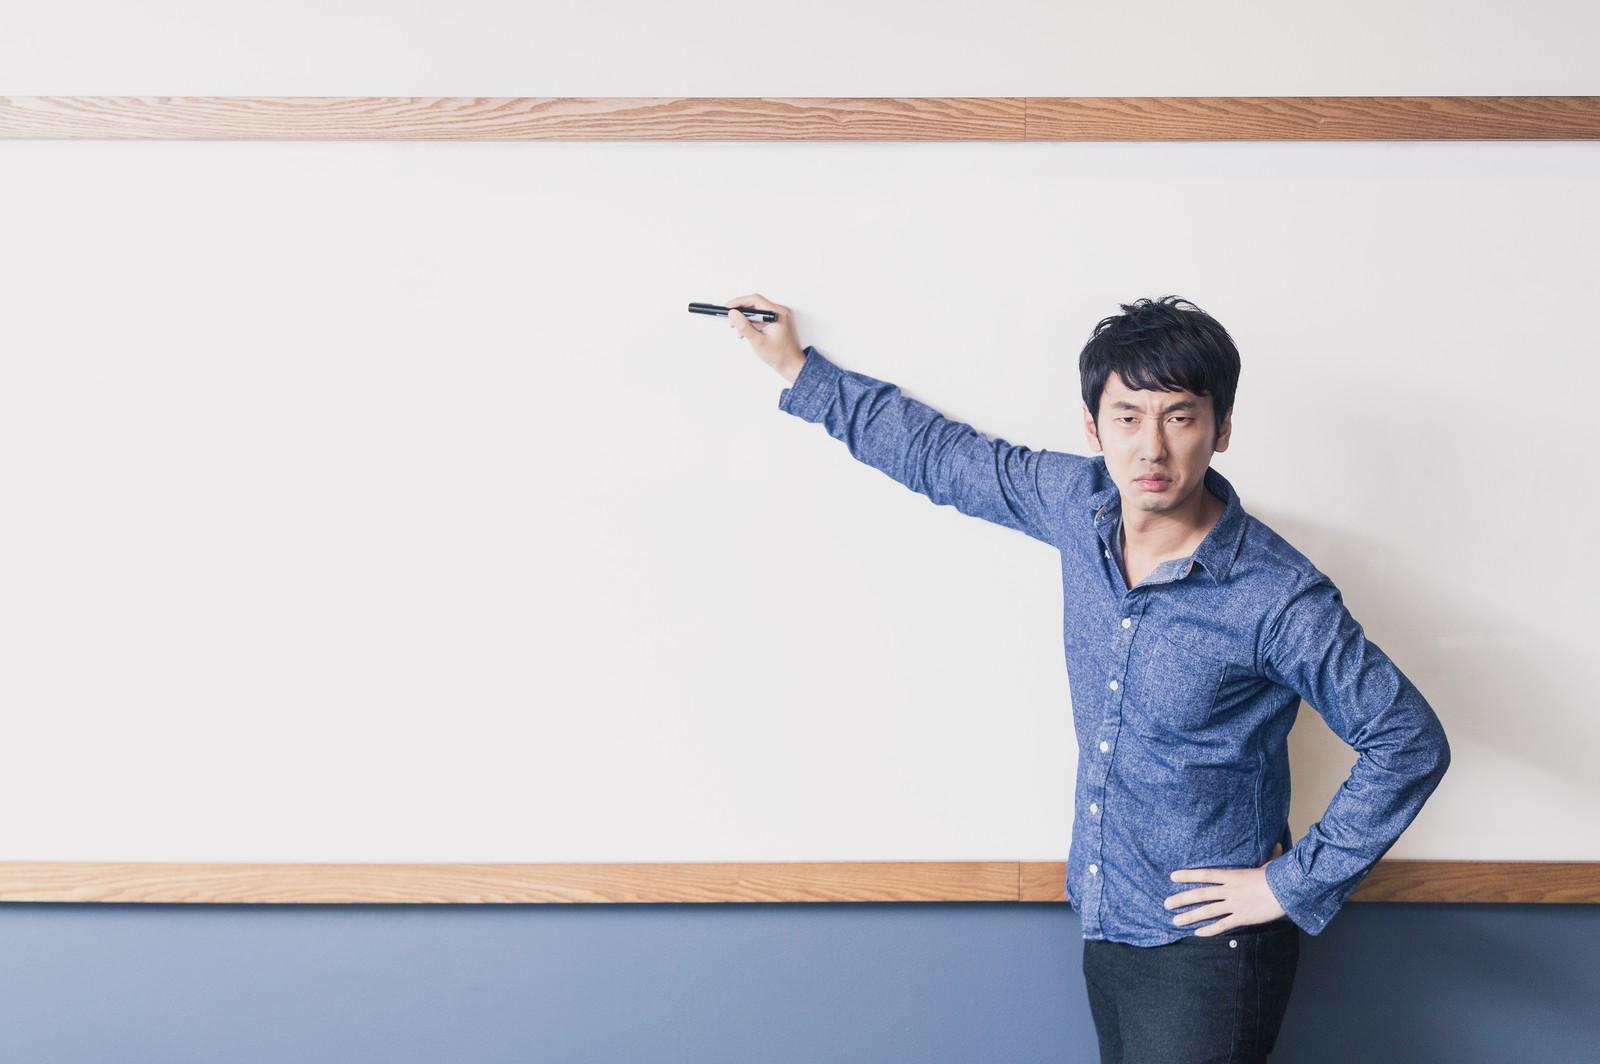 ハンダノビッチ先生のPKストップ教室